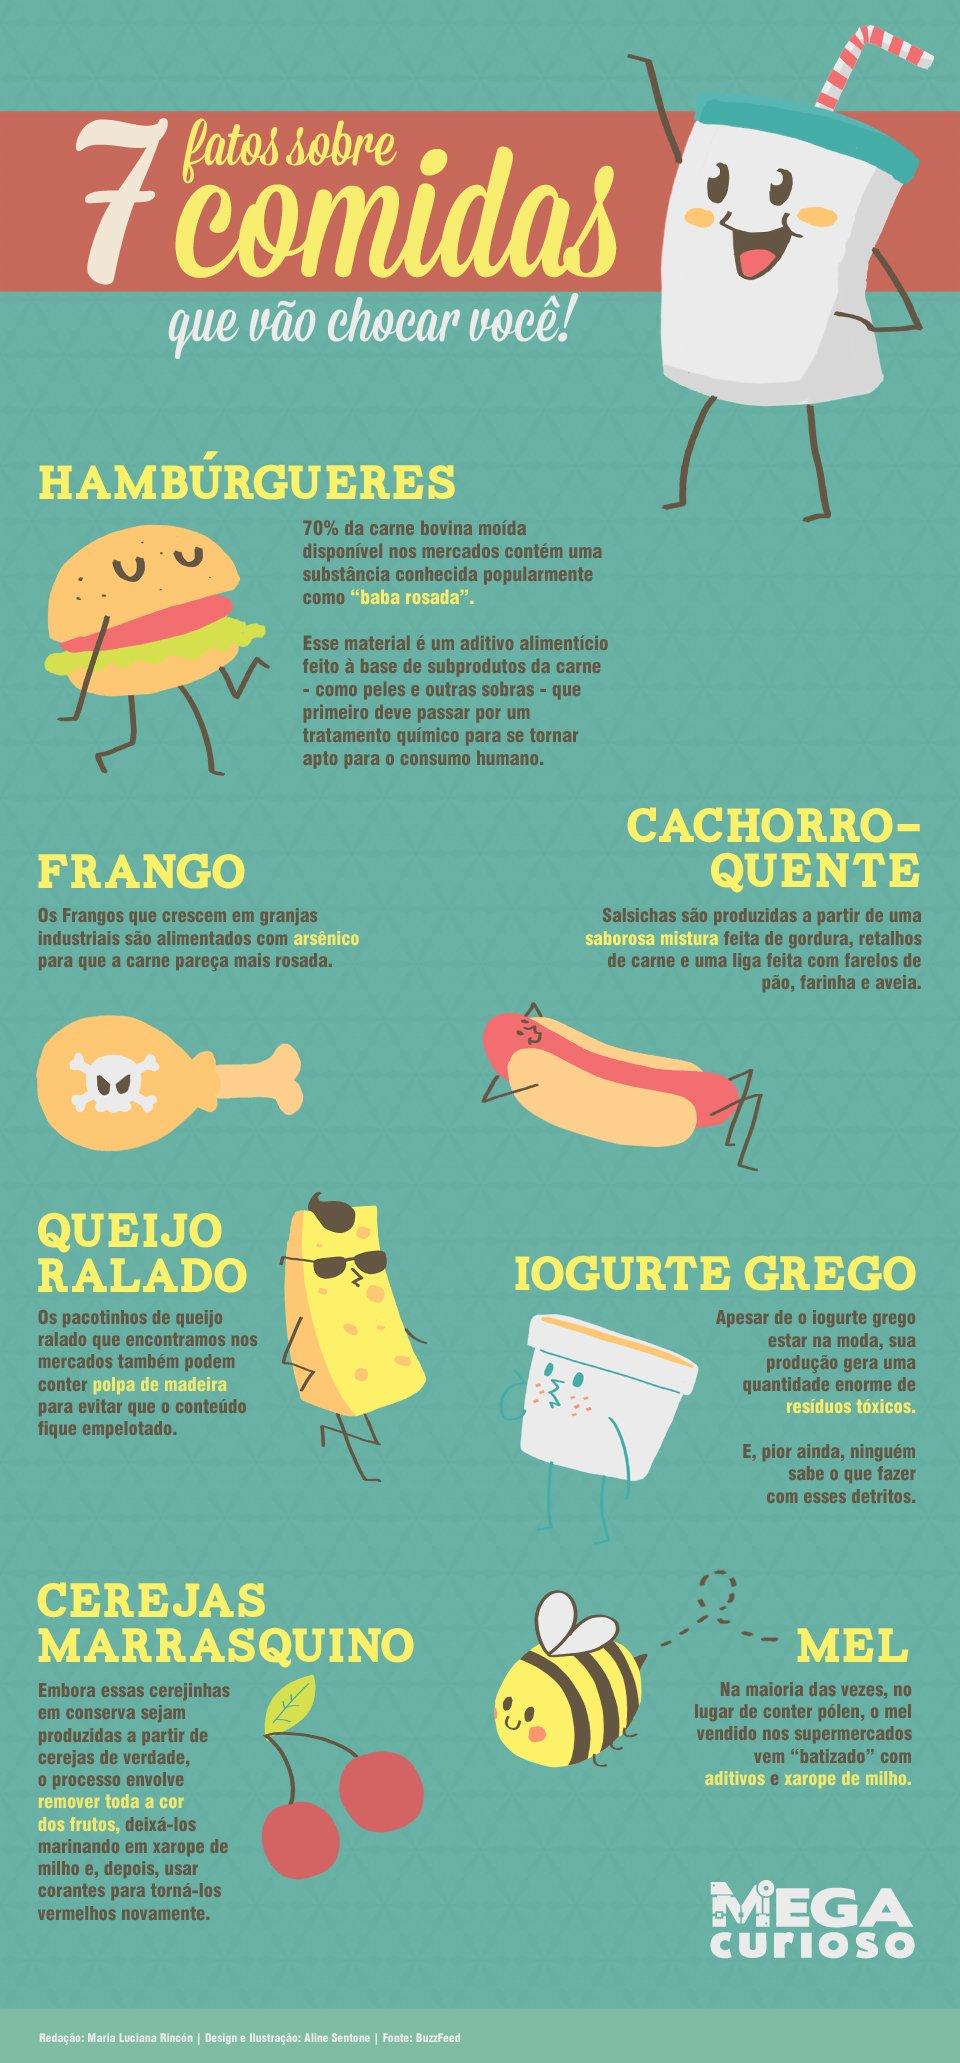 7 fatos sobre comidas que vão chocar você [infográfico]